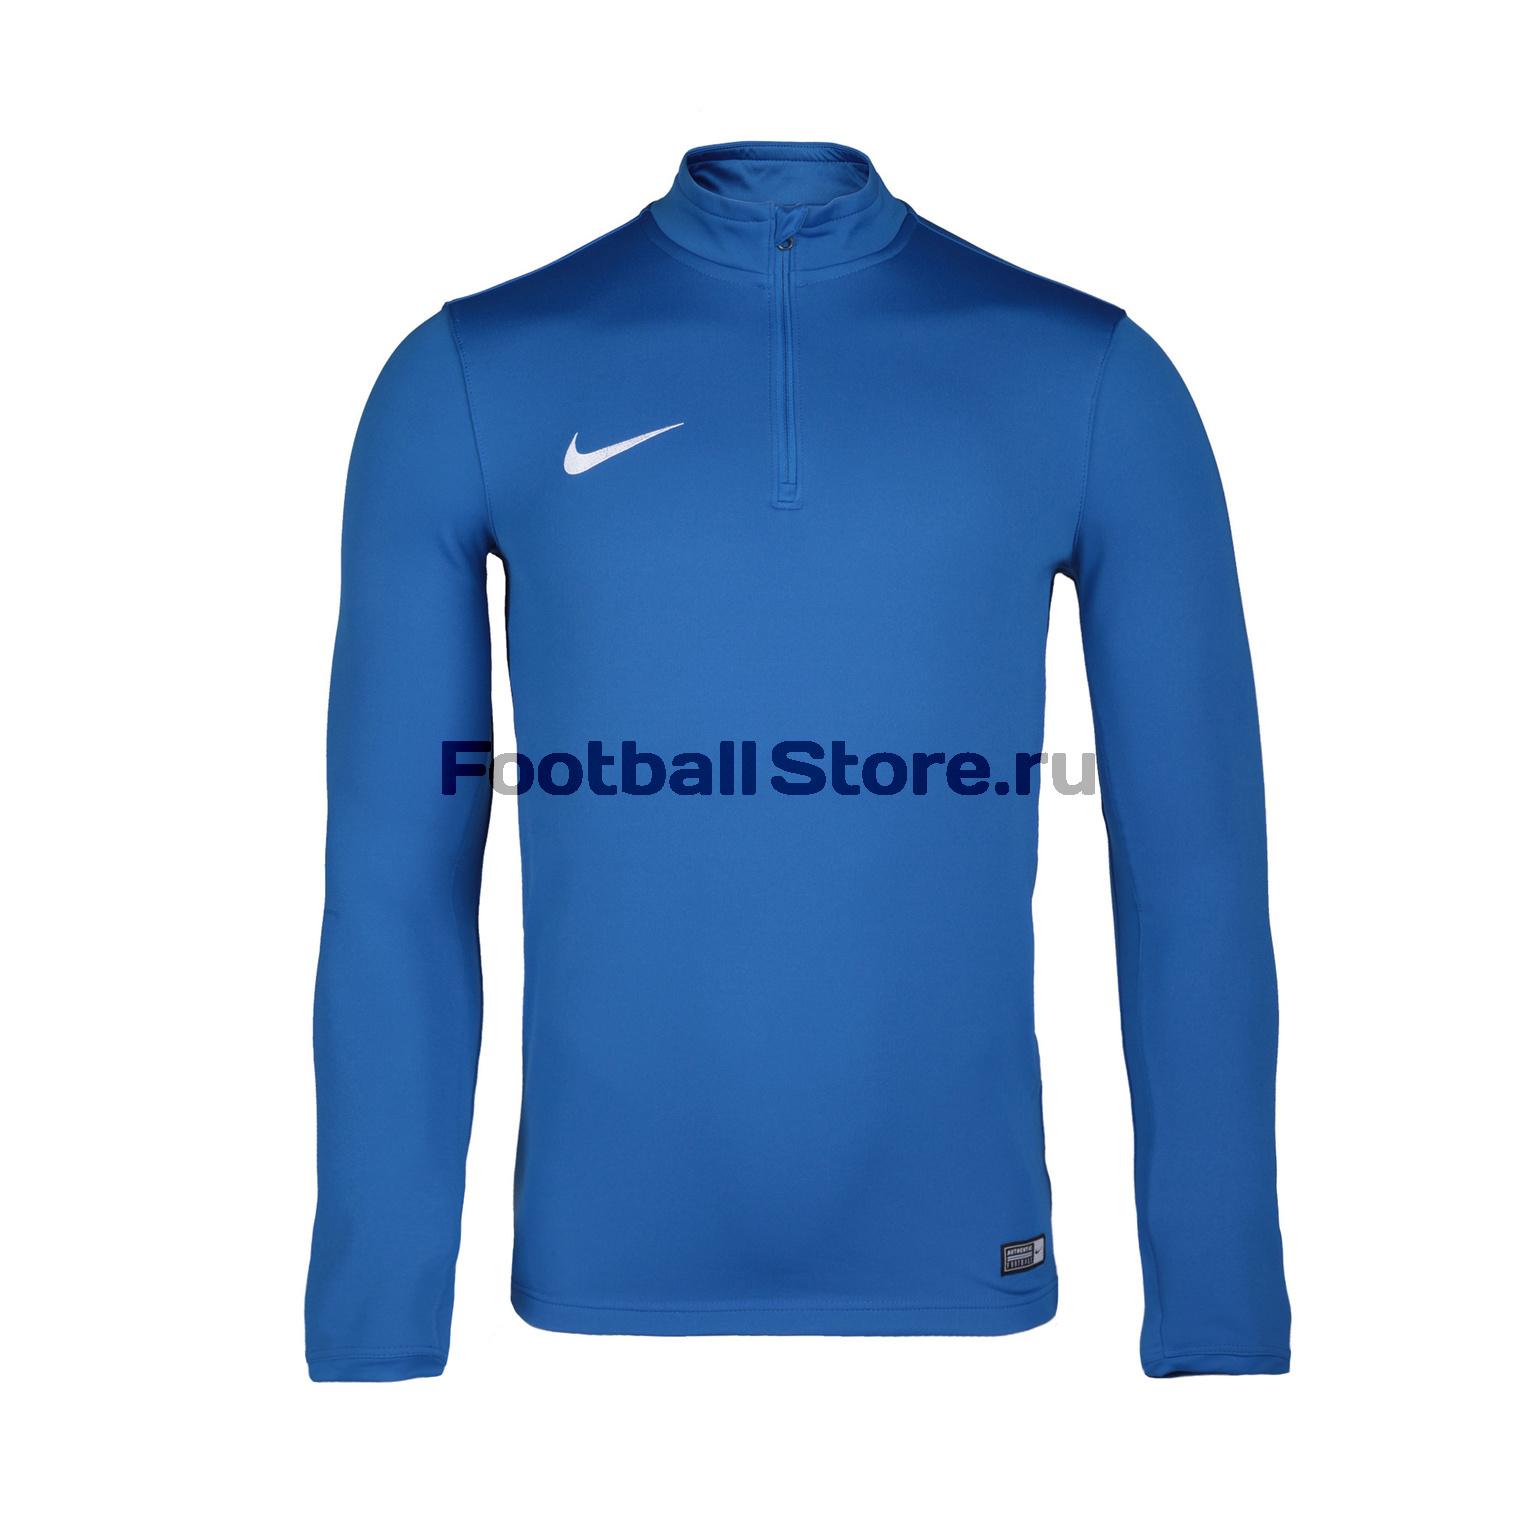 Свитер тренировочный Nike Academy 16 Midlayer Top 725930-463 свитер тренировочный nike academy16 midlayer top 726003 657 детский красный